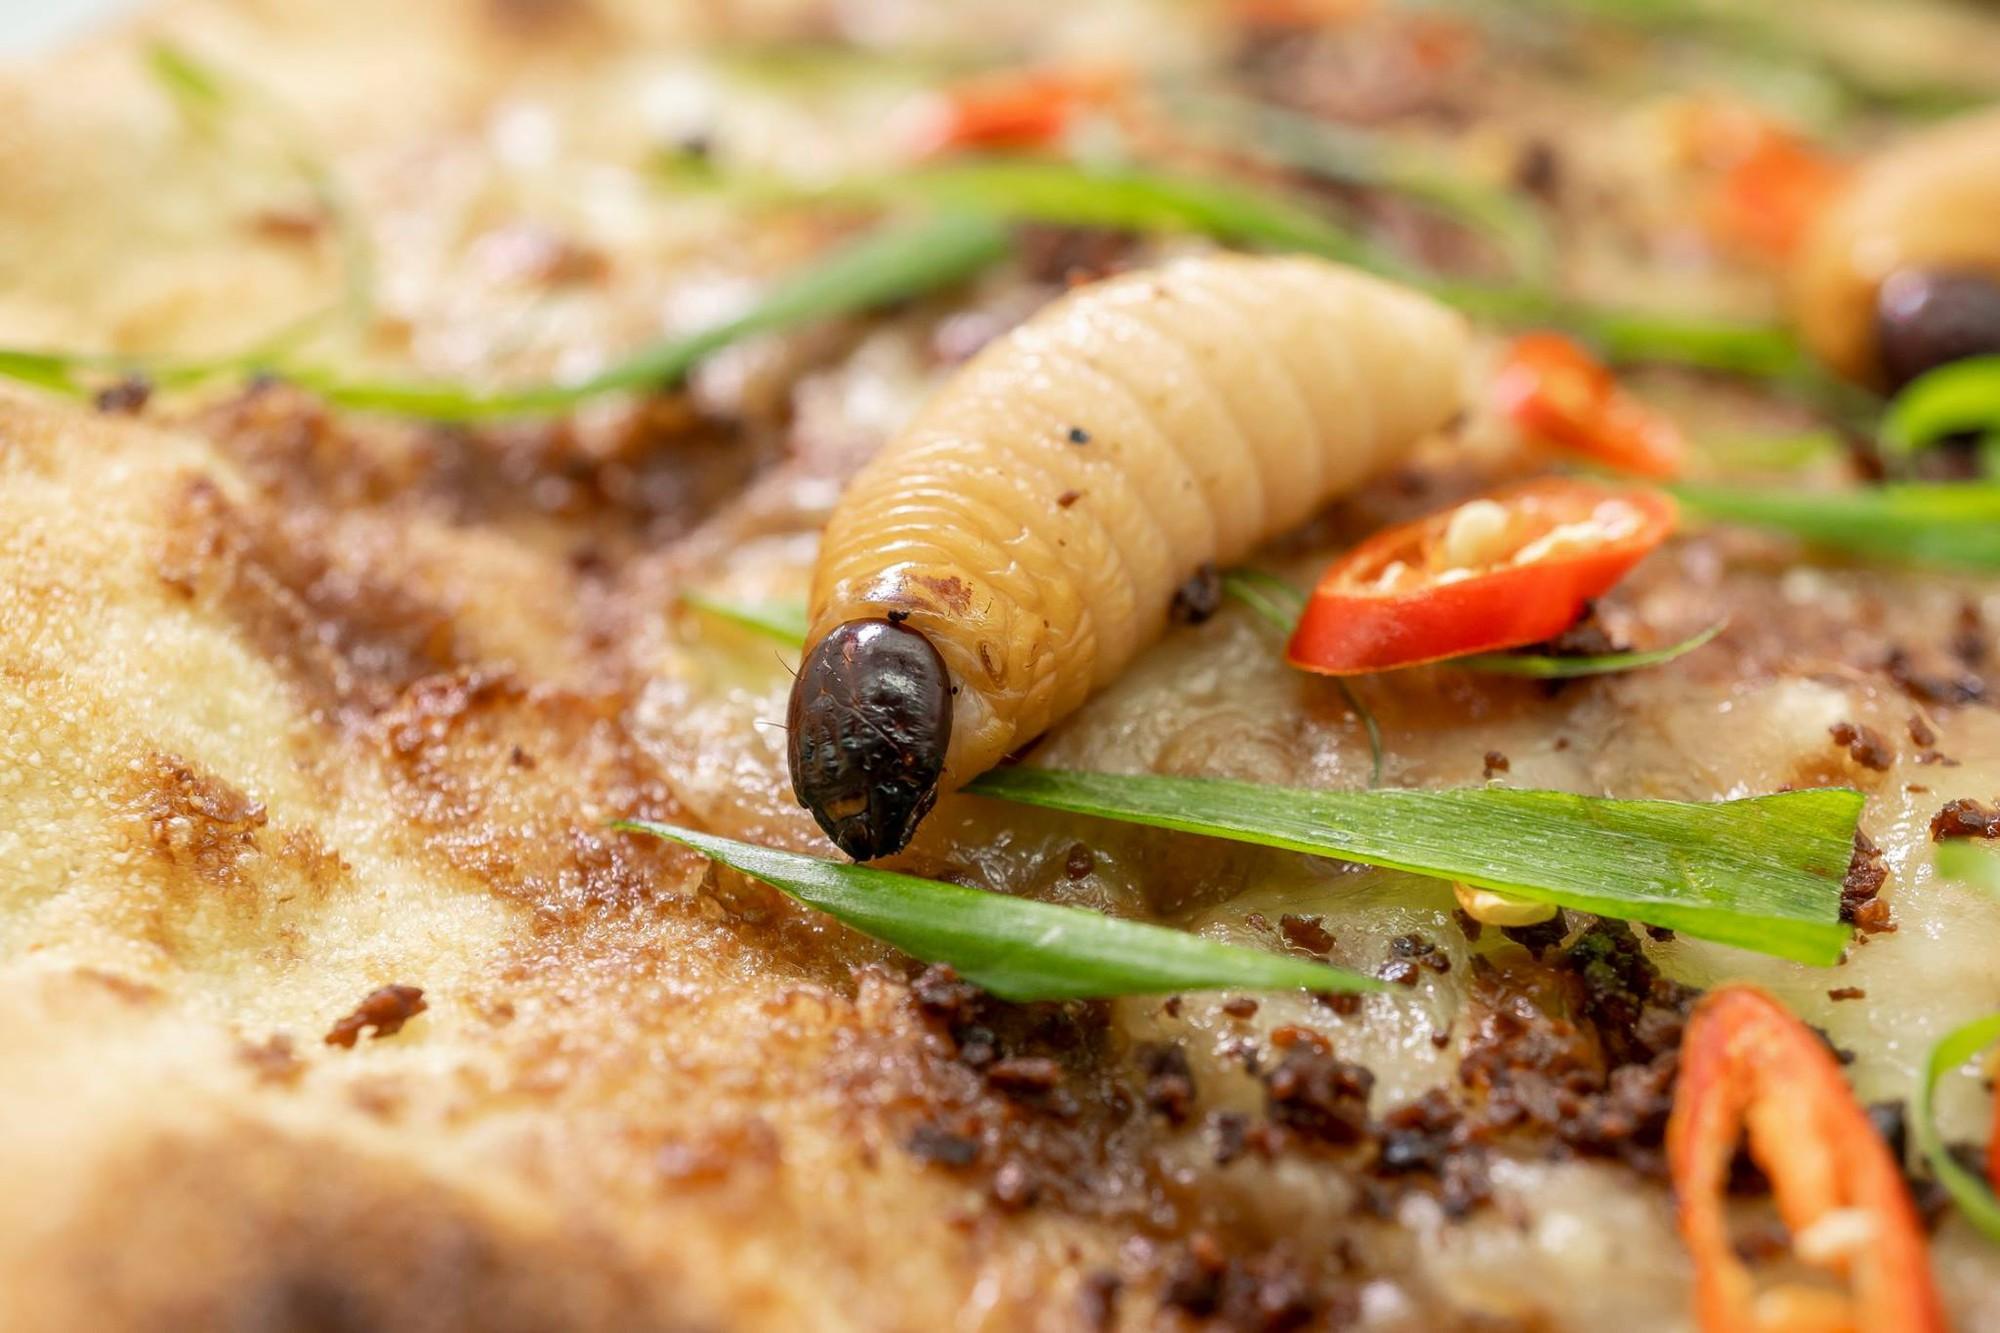 Chuyện quái gì cũng có thể xảy ra: Hà Nội xuất hiện pizza đuông dừa bò lổm ngổm gây bàng hoàng - Ảnh 7.